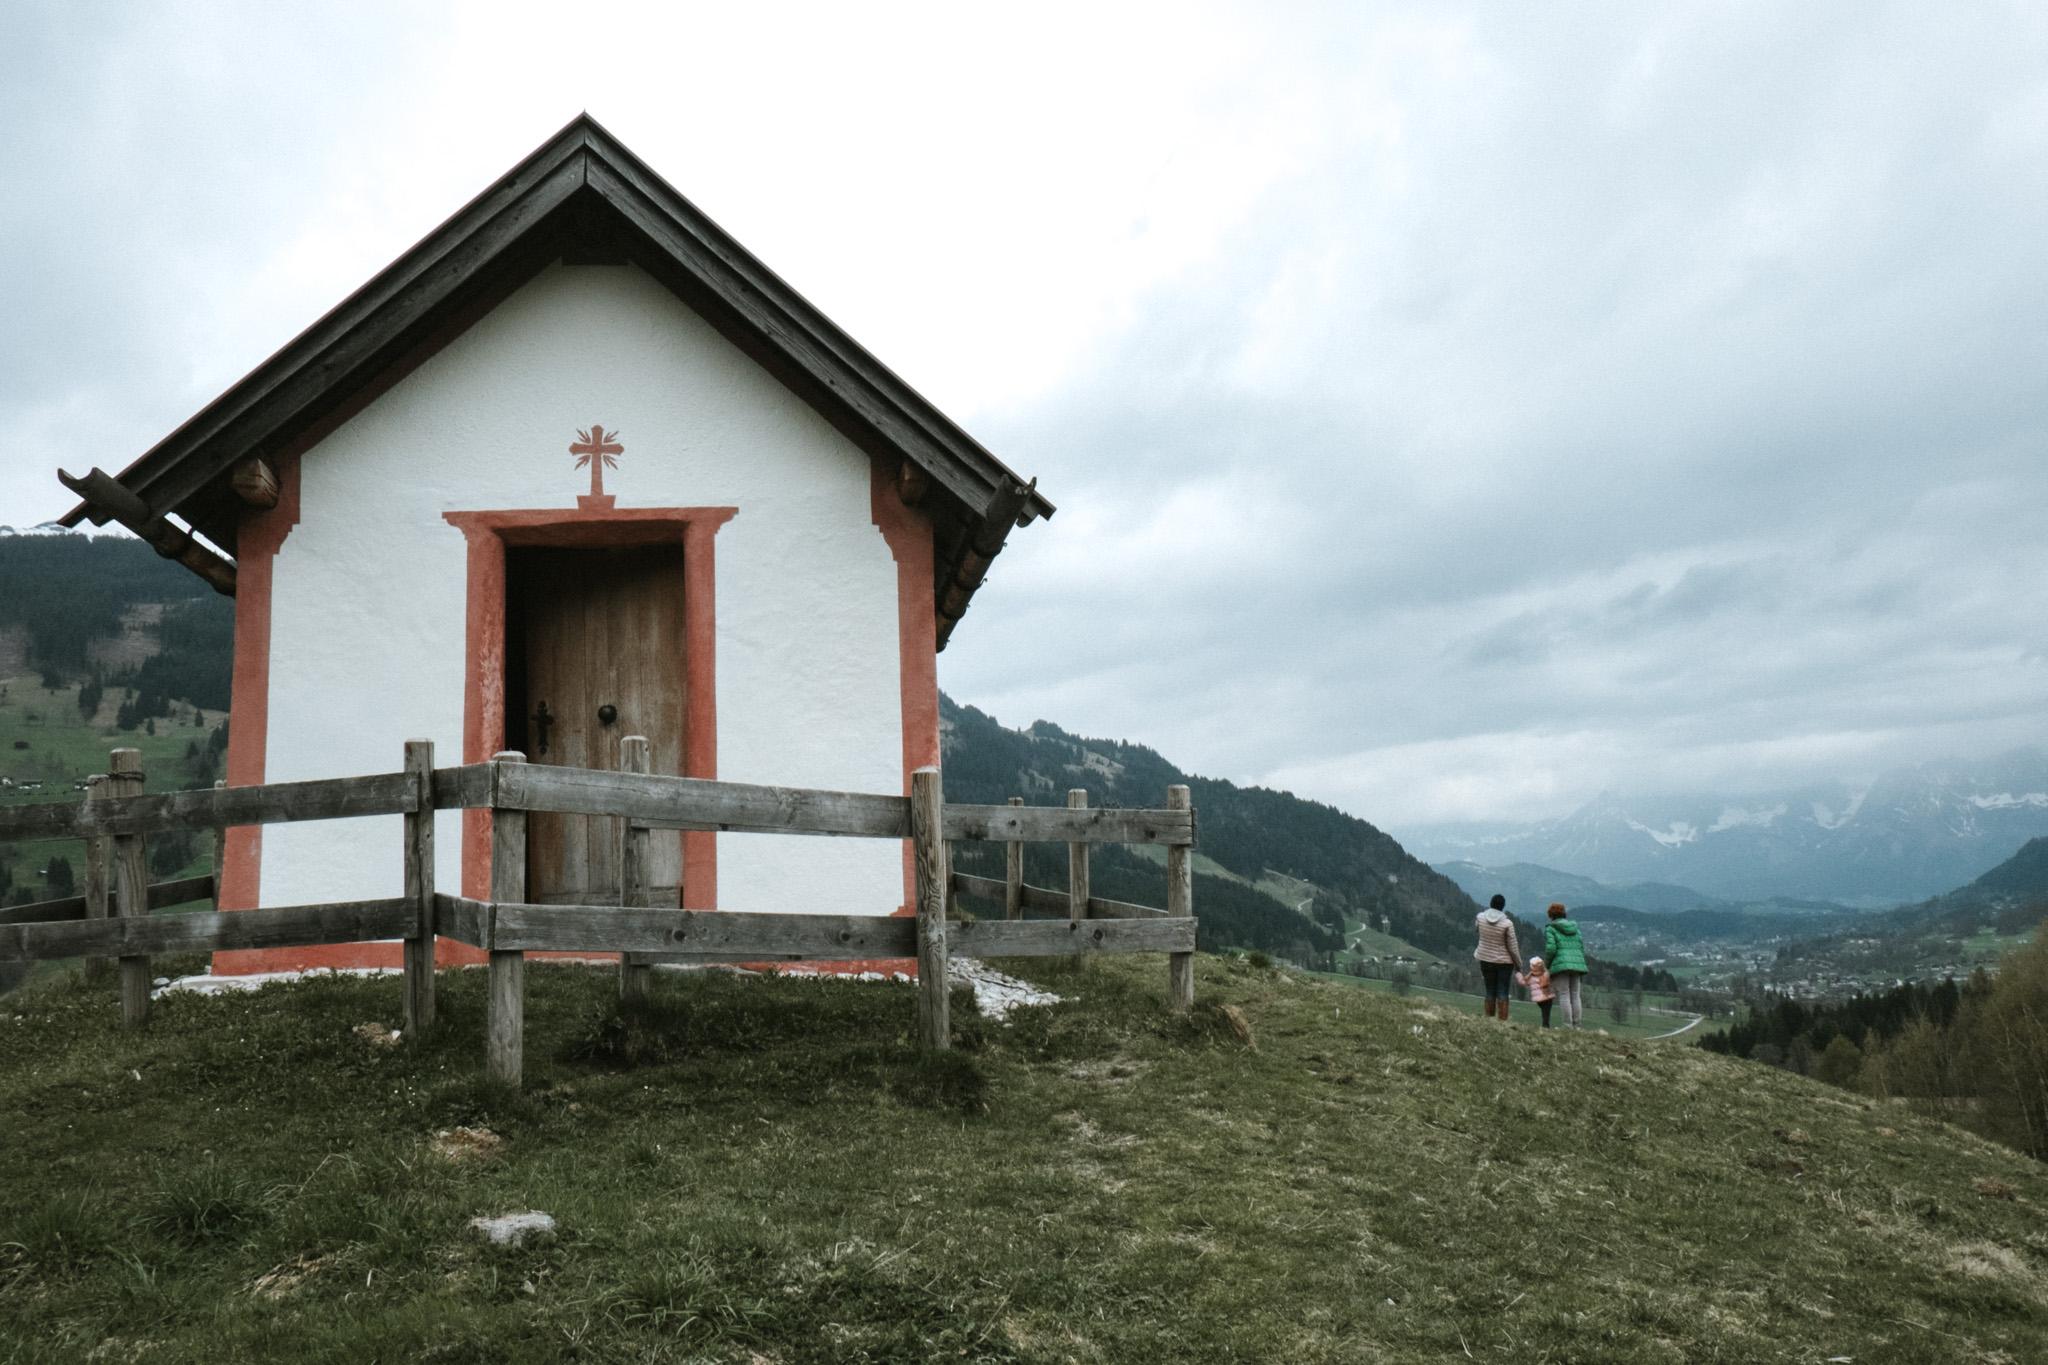 2017-04-13-Auracher Kapelle-8_LR edited_web.jpg